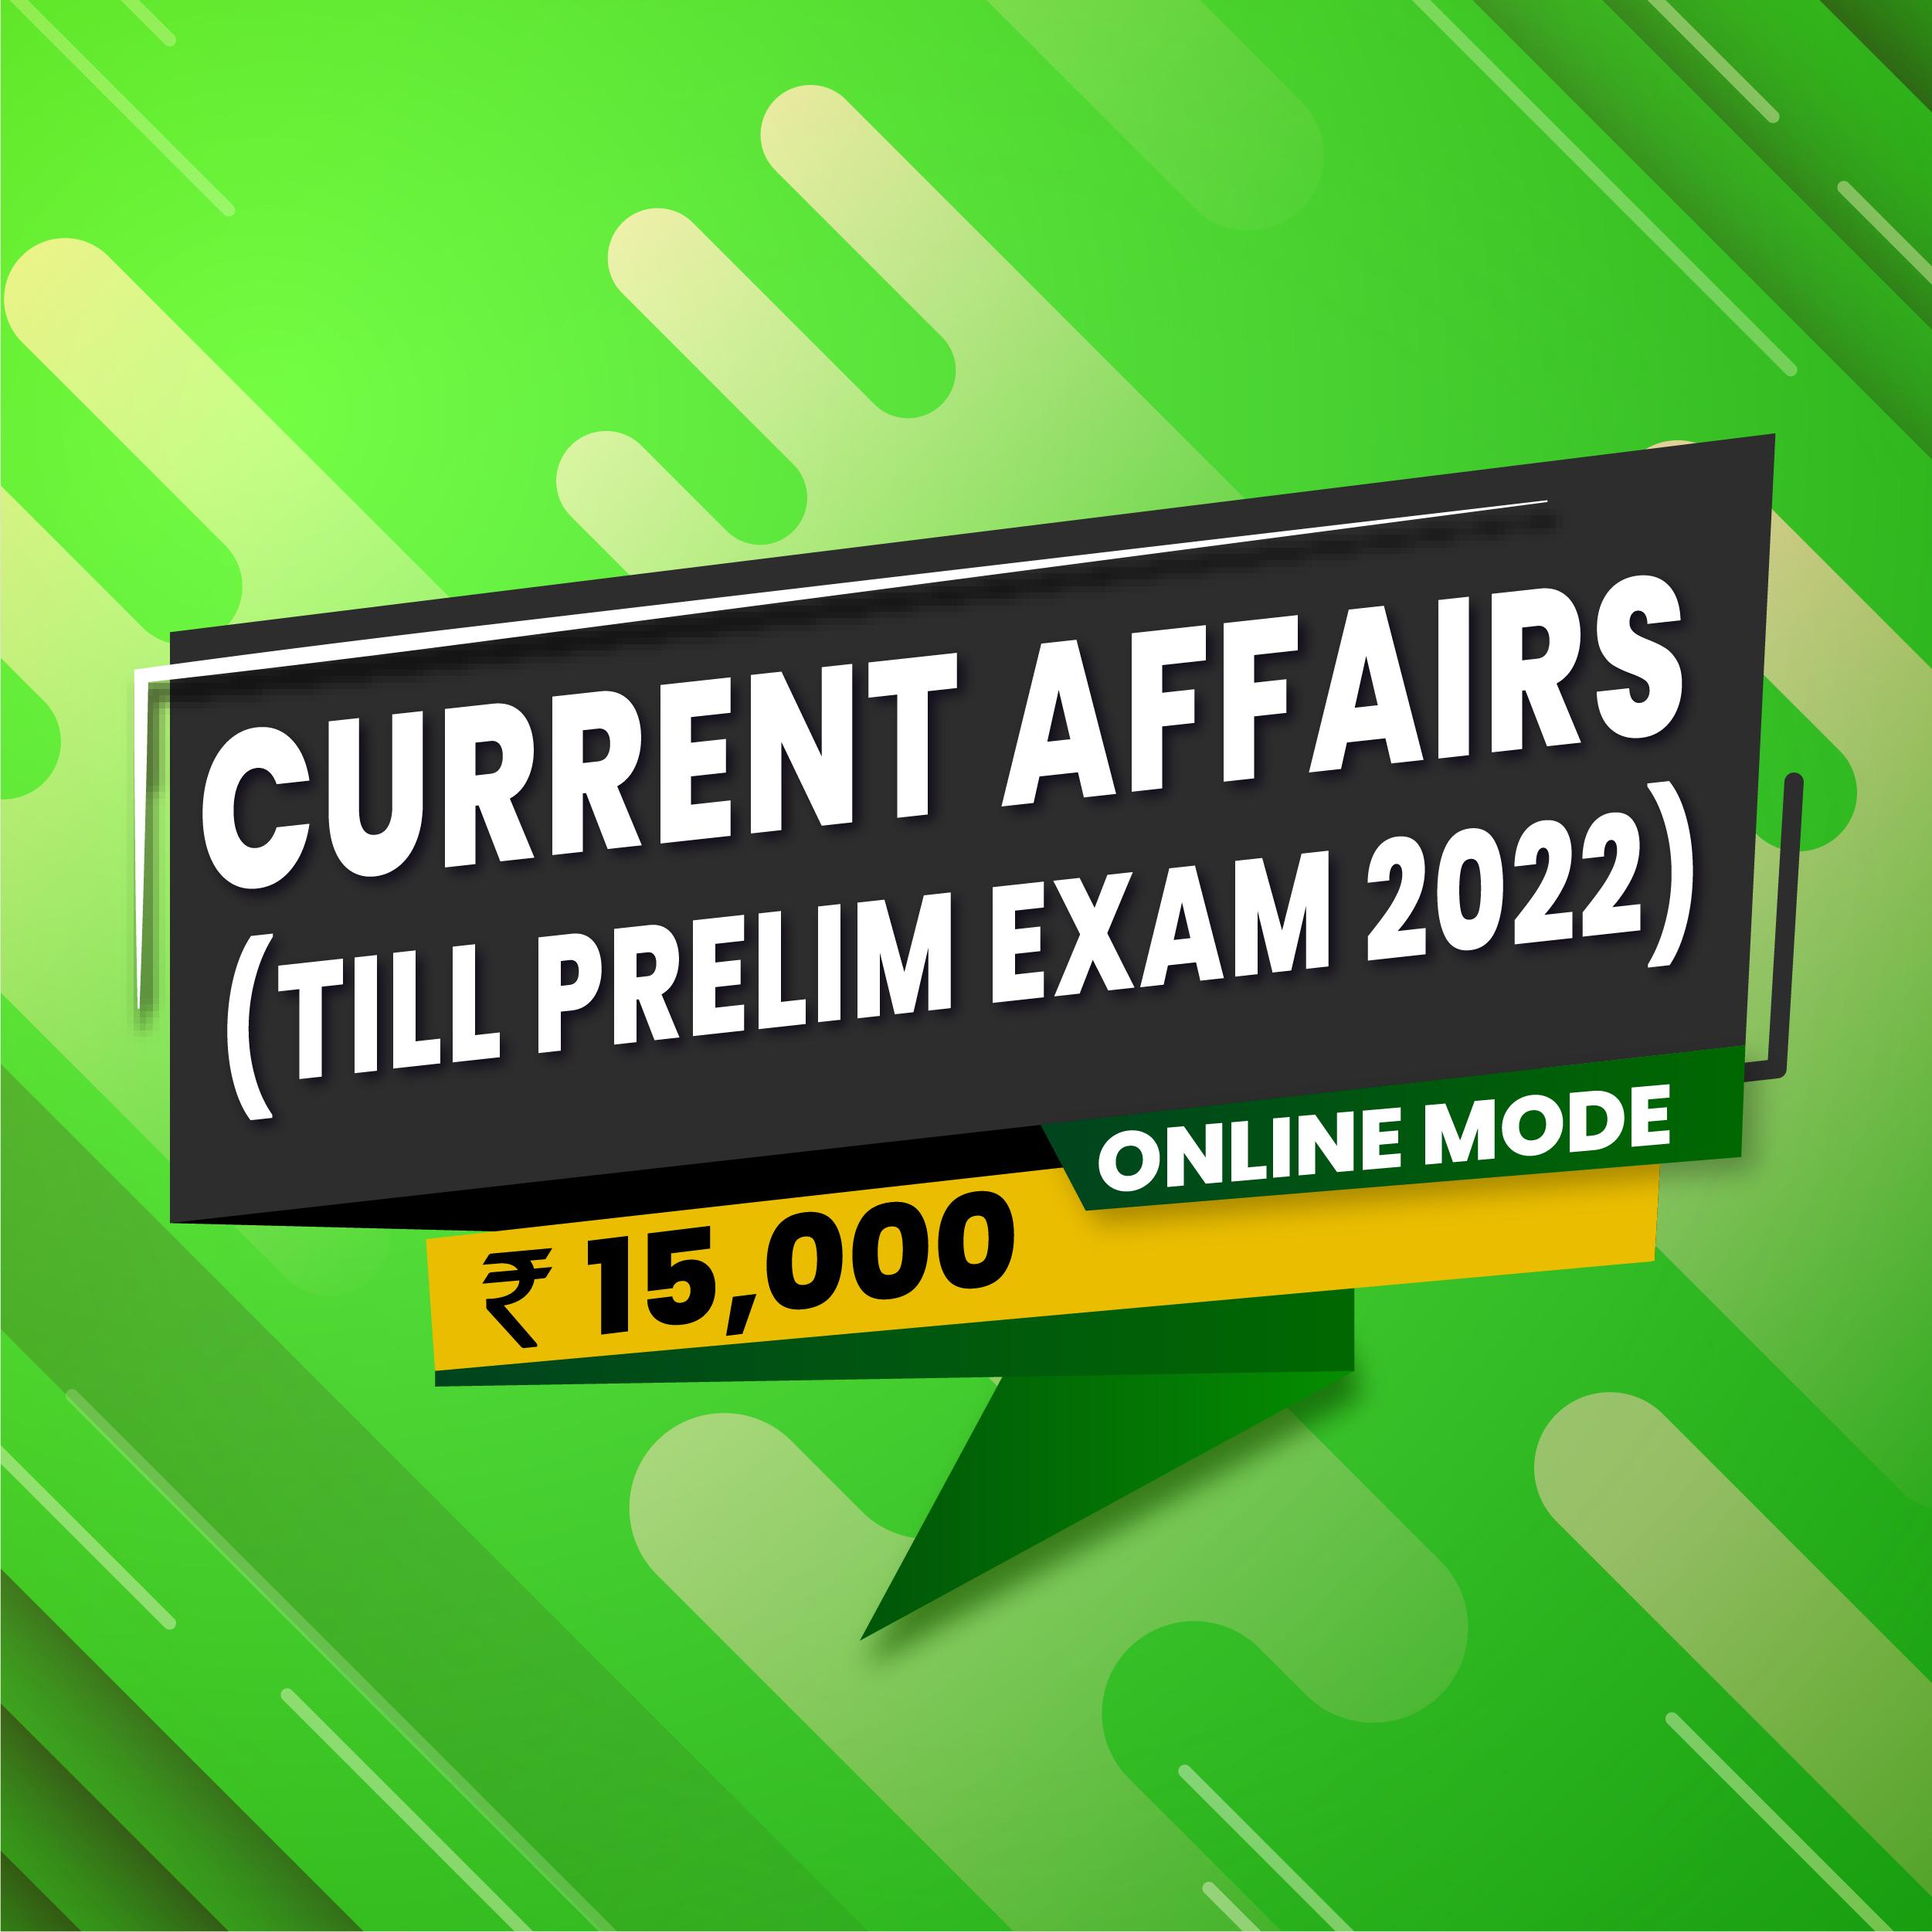 Current Affairs ( Till Prelim Exam 2022)